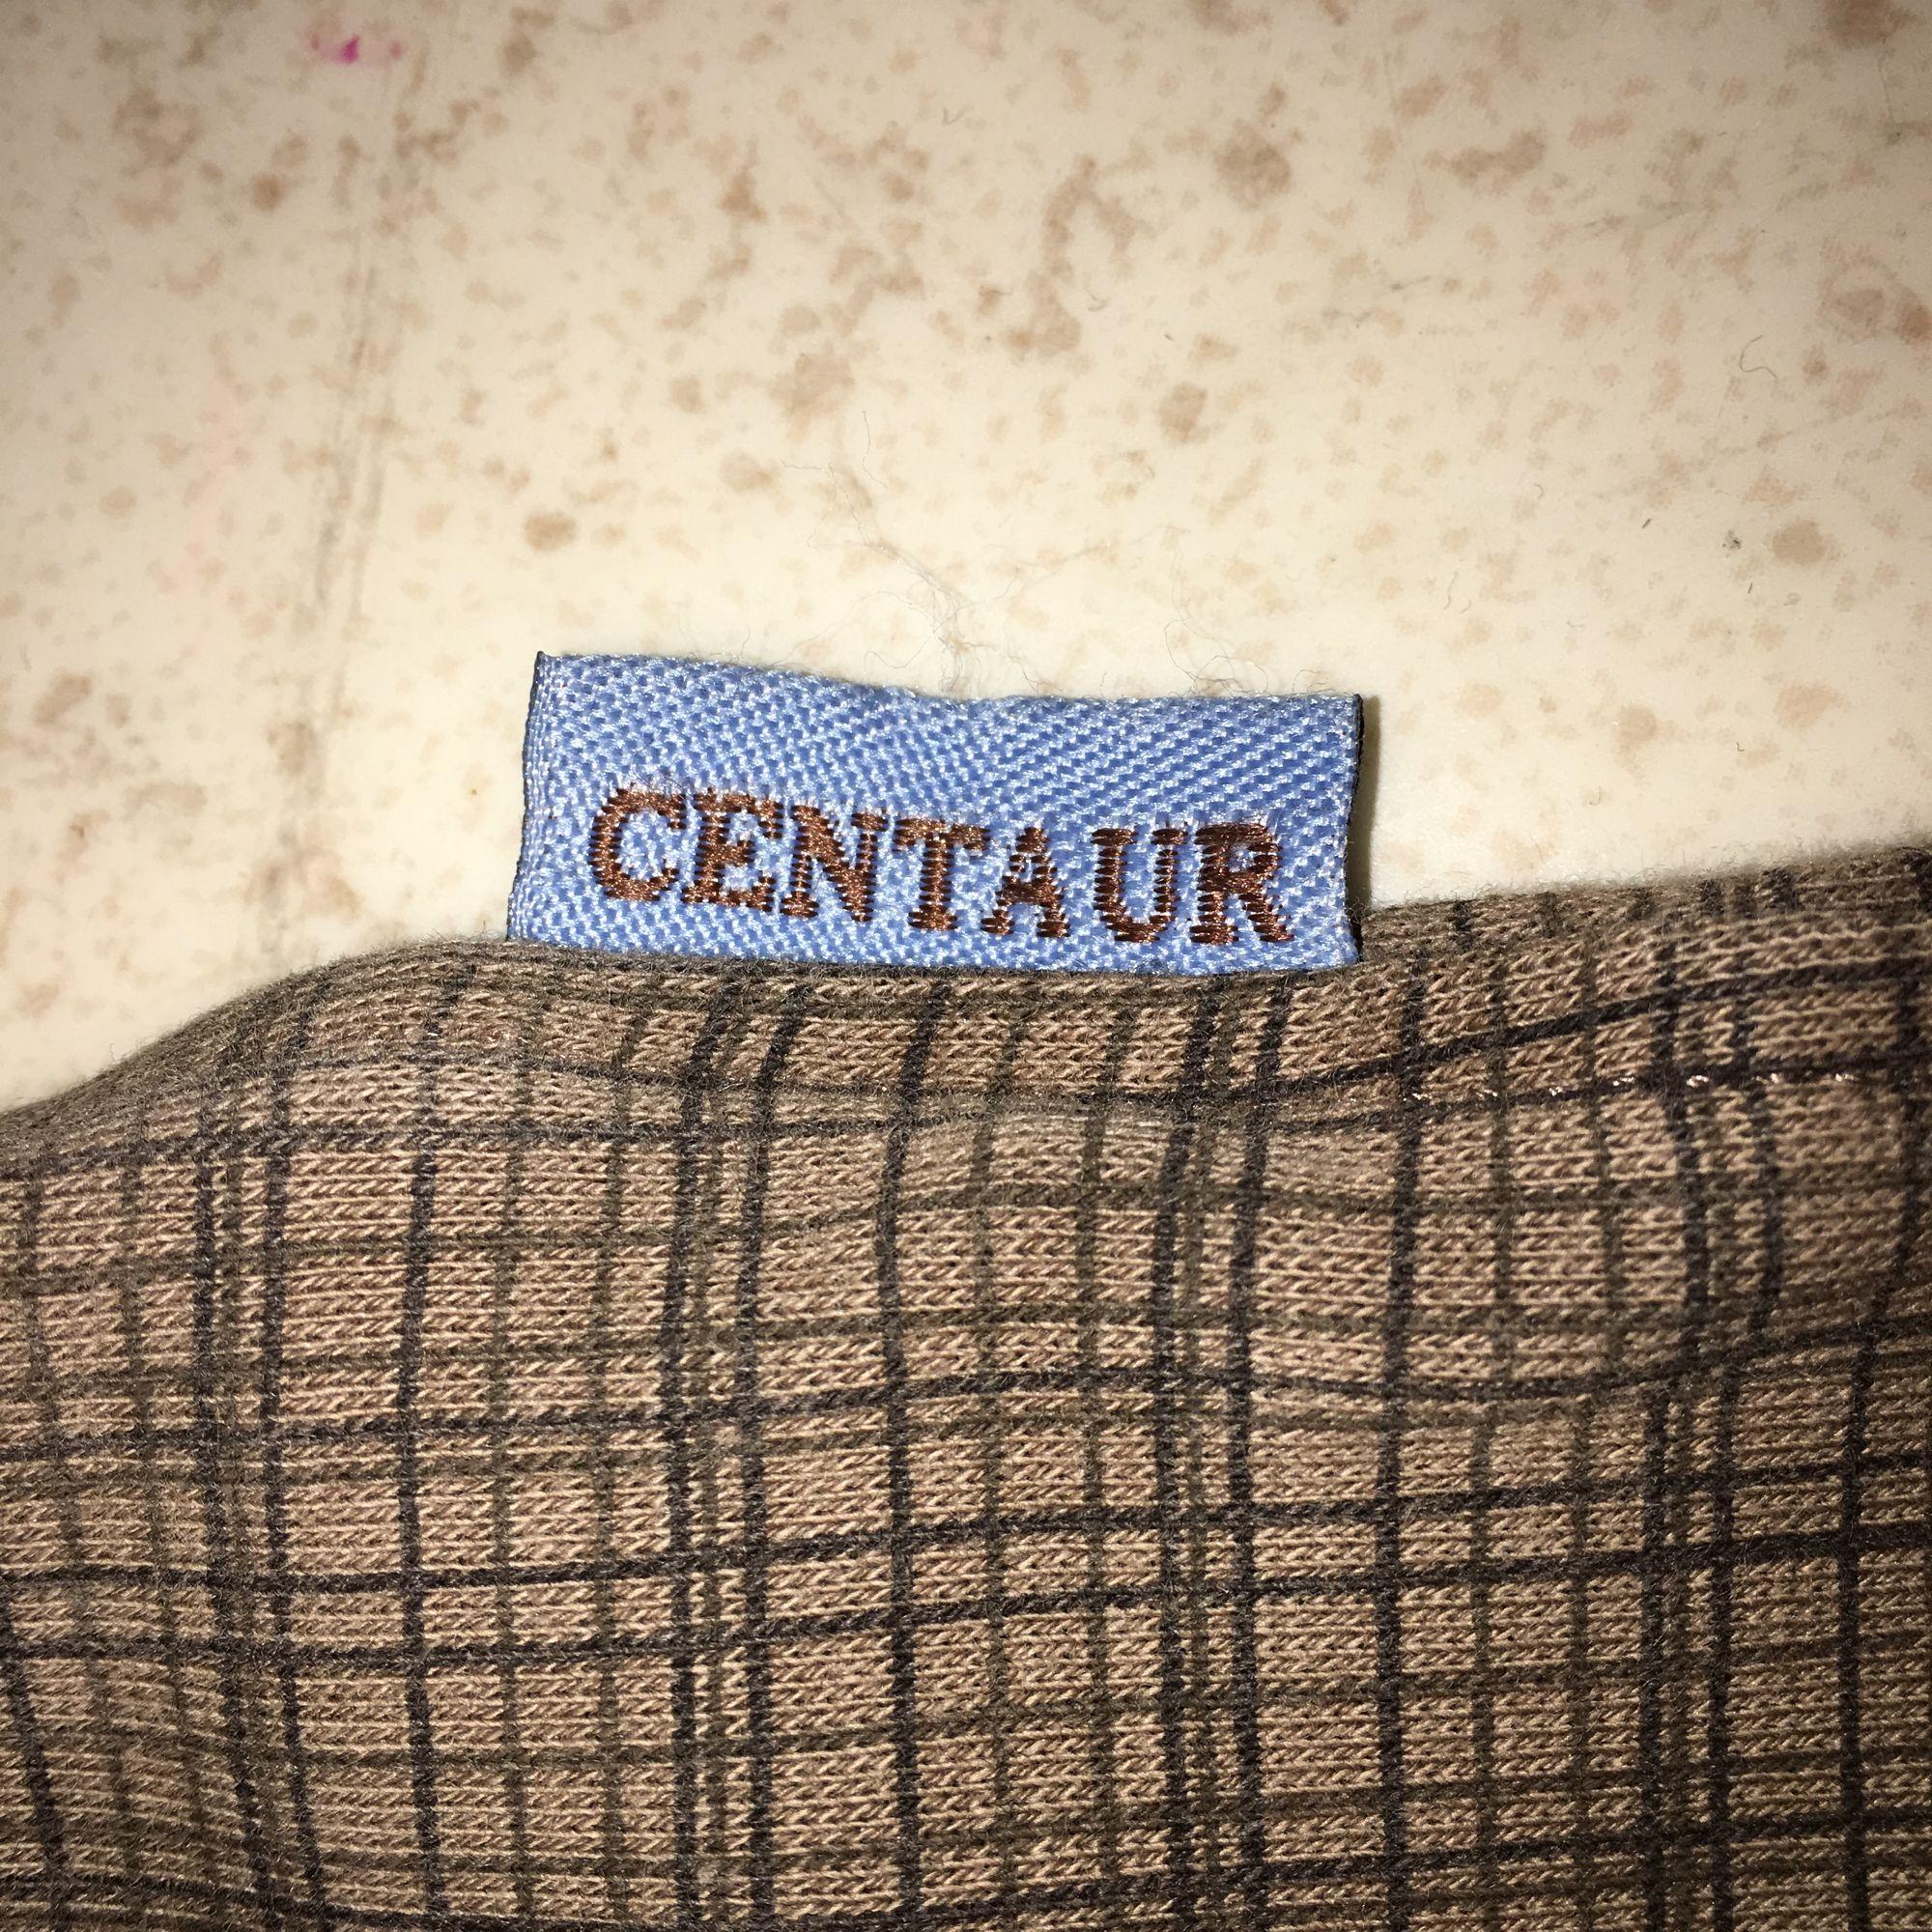 Priste kan diskuteras⚠️Står inte för frakten⛔️ Jättefina och sköna ridbyxor, sitter superbra. Använt ungefär 5 gånger.dom är jättevarma. Nypris 500kr från märket Centaur. Om det finns frågor gärna kontakta mig 💕😊. Jeans & Byxor.